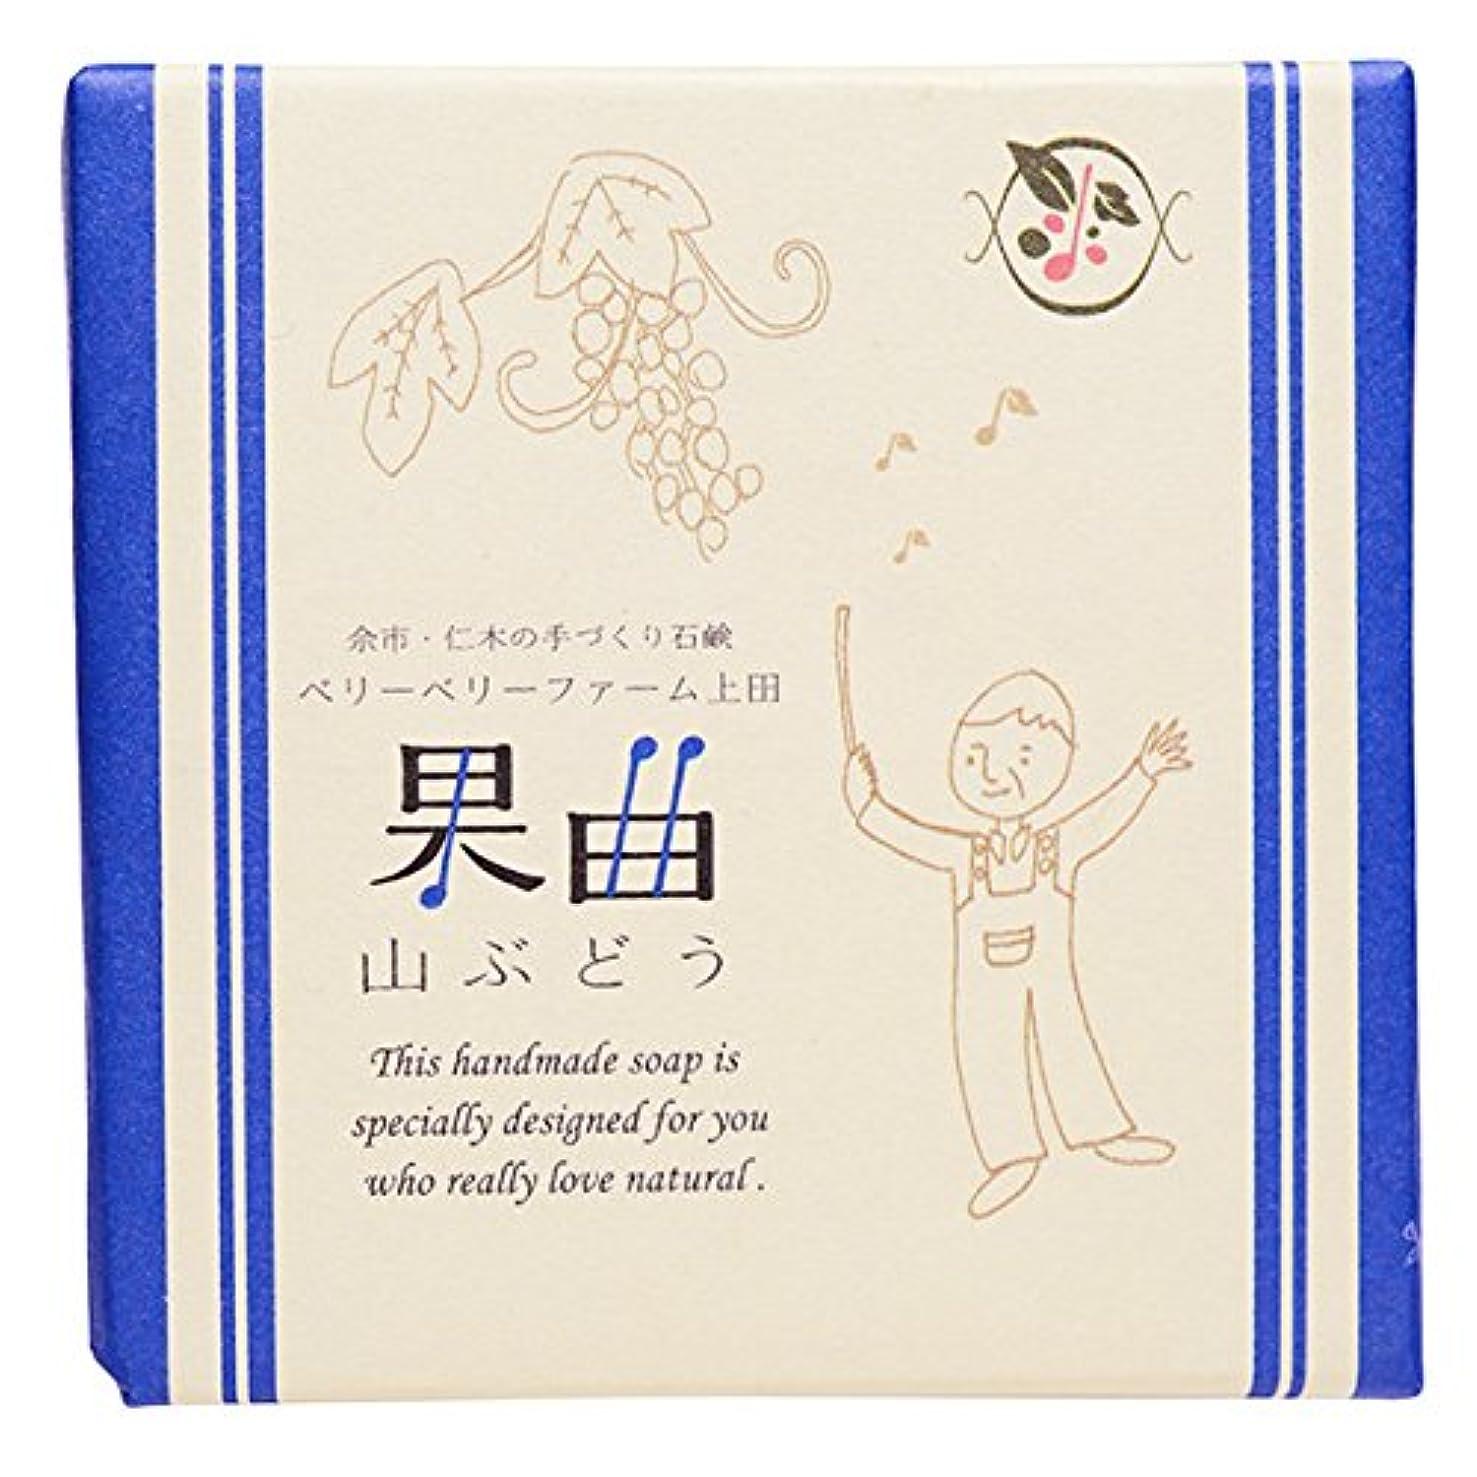 食欲に対して衰える余市町仁木のベリーベリーファーム上田との共同開発 果曲(山ぶどう)純練り石鹸